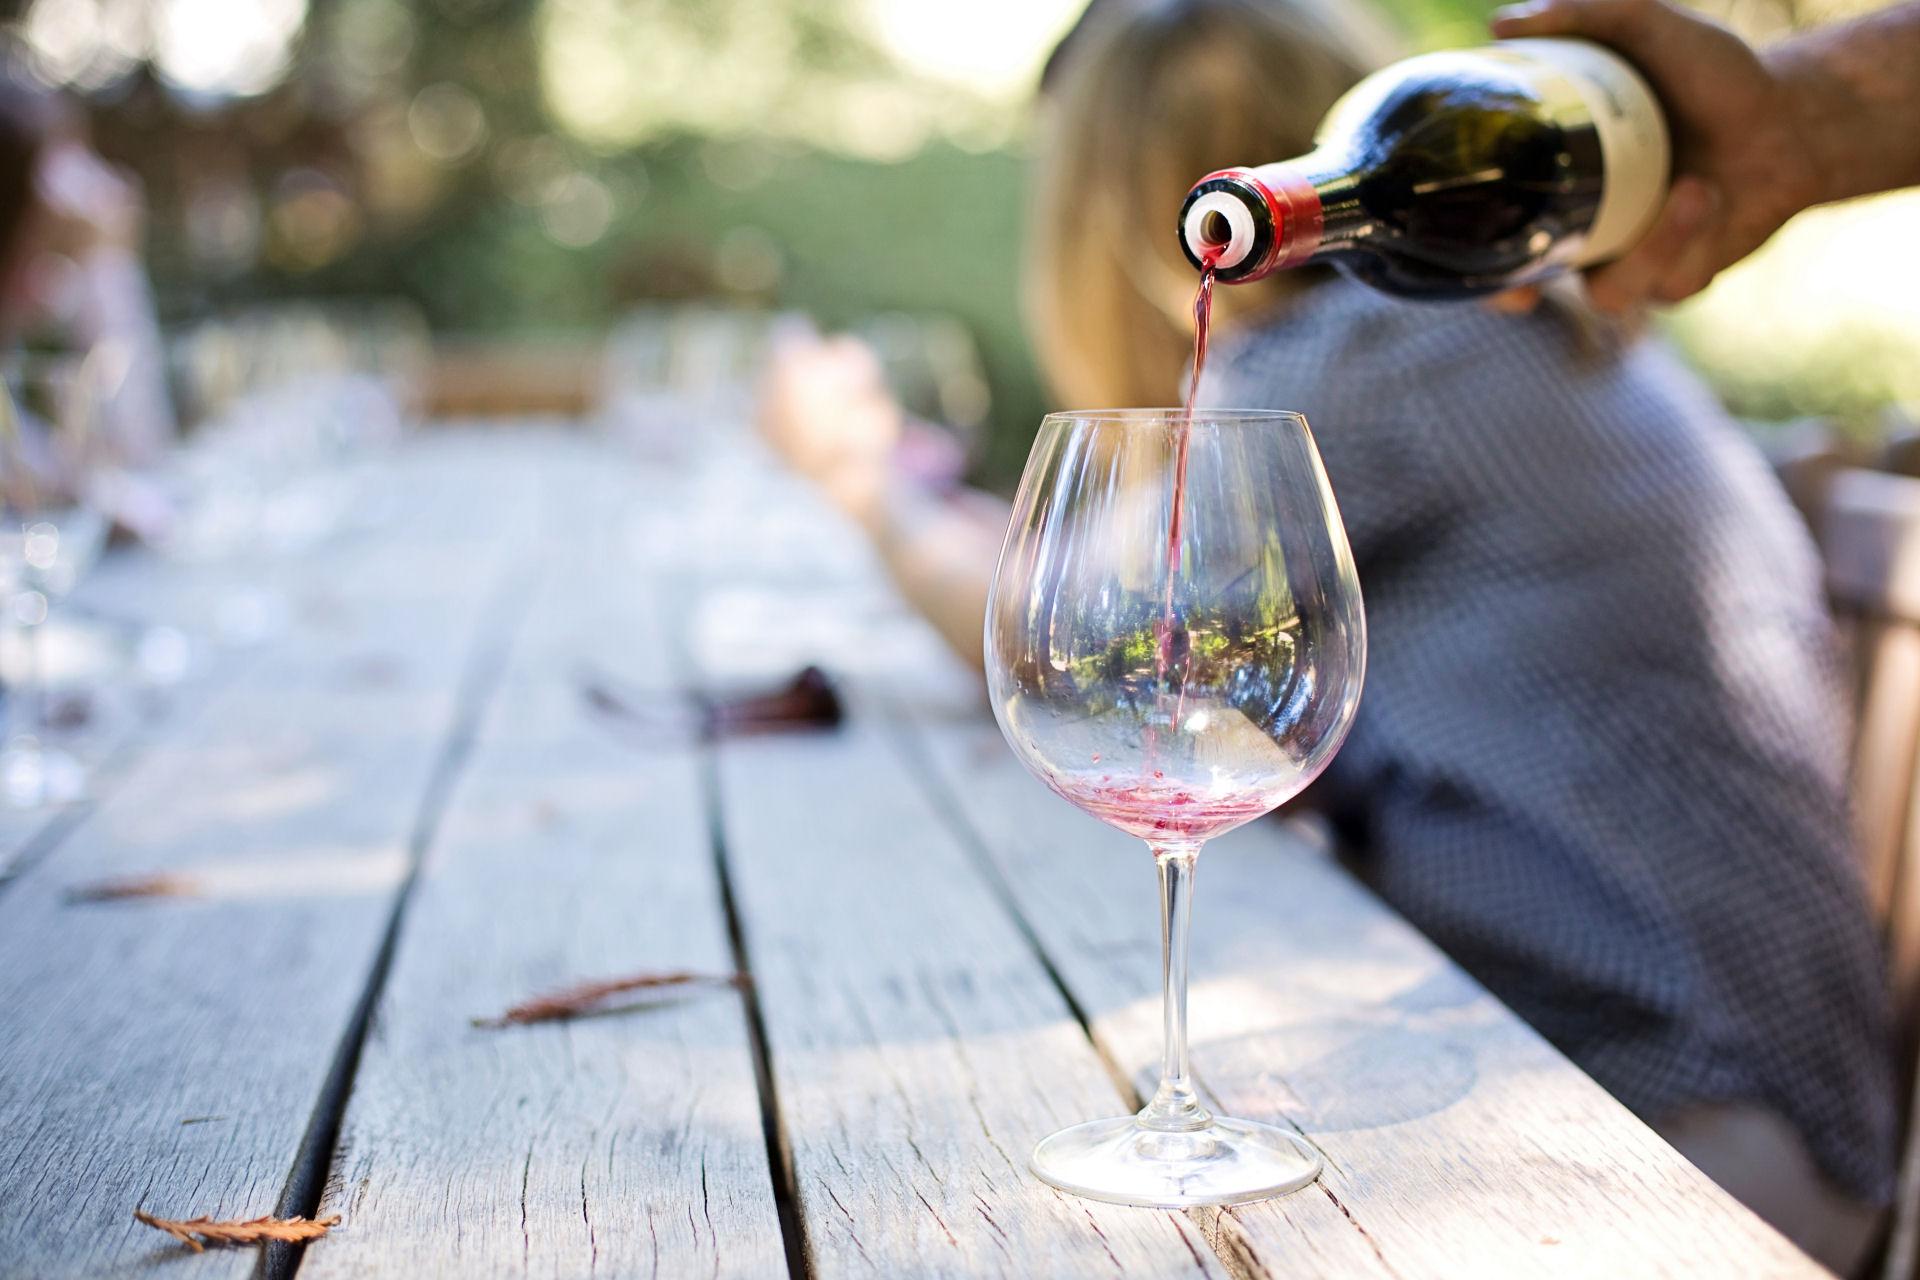 """<p style=""""text-align: left;""""><span style=""""color:rgb(84, 0, 0)""""><strong>ITALSKÁ PERLIVÁ VÍNA</strong></span><br /> Jako jediná vinotéka v Opavě máme v nabídce<br /> italská perlivá stáčená vína!</p>"""